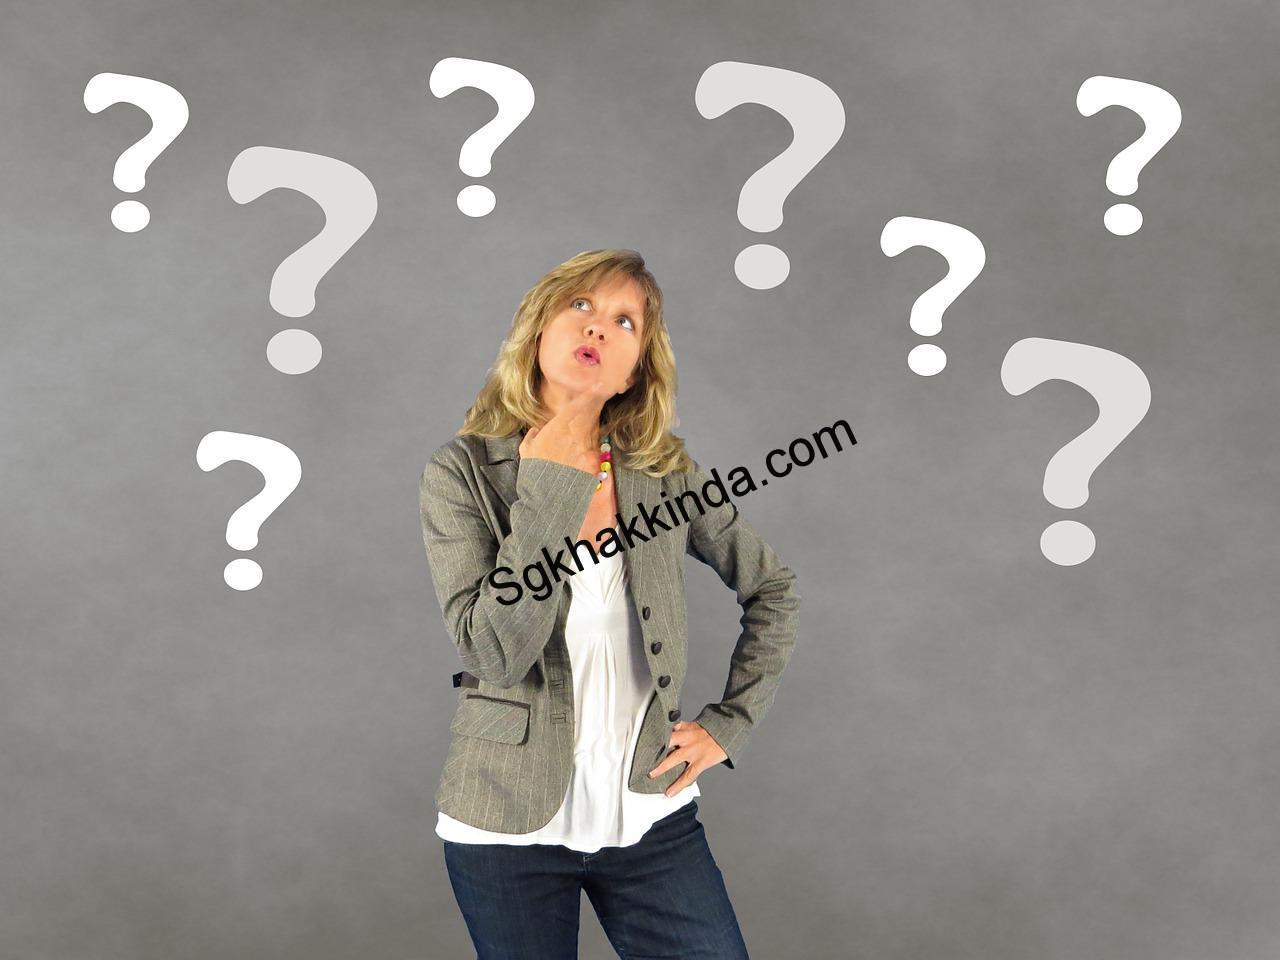 soru işareti 1551769474 - İşçiye ihbar bildirimi nasıl yapılır?